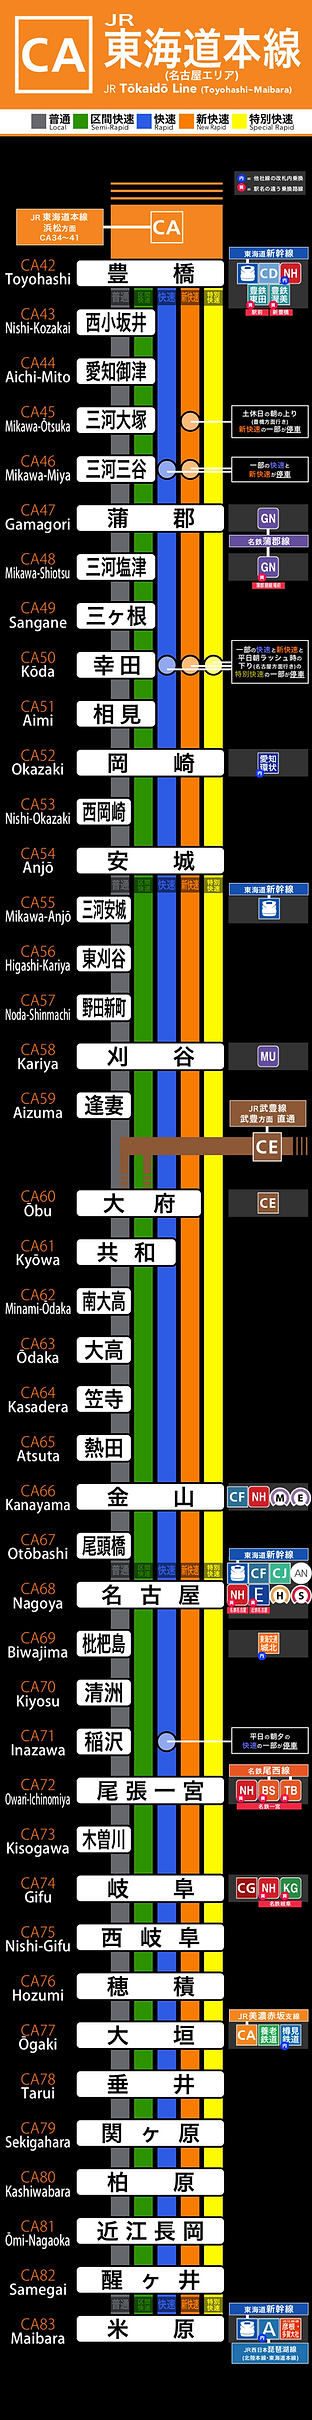 JR東海道本線(名古屋エリア)20181025.png